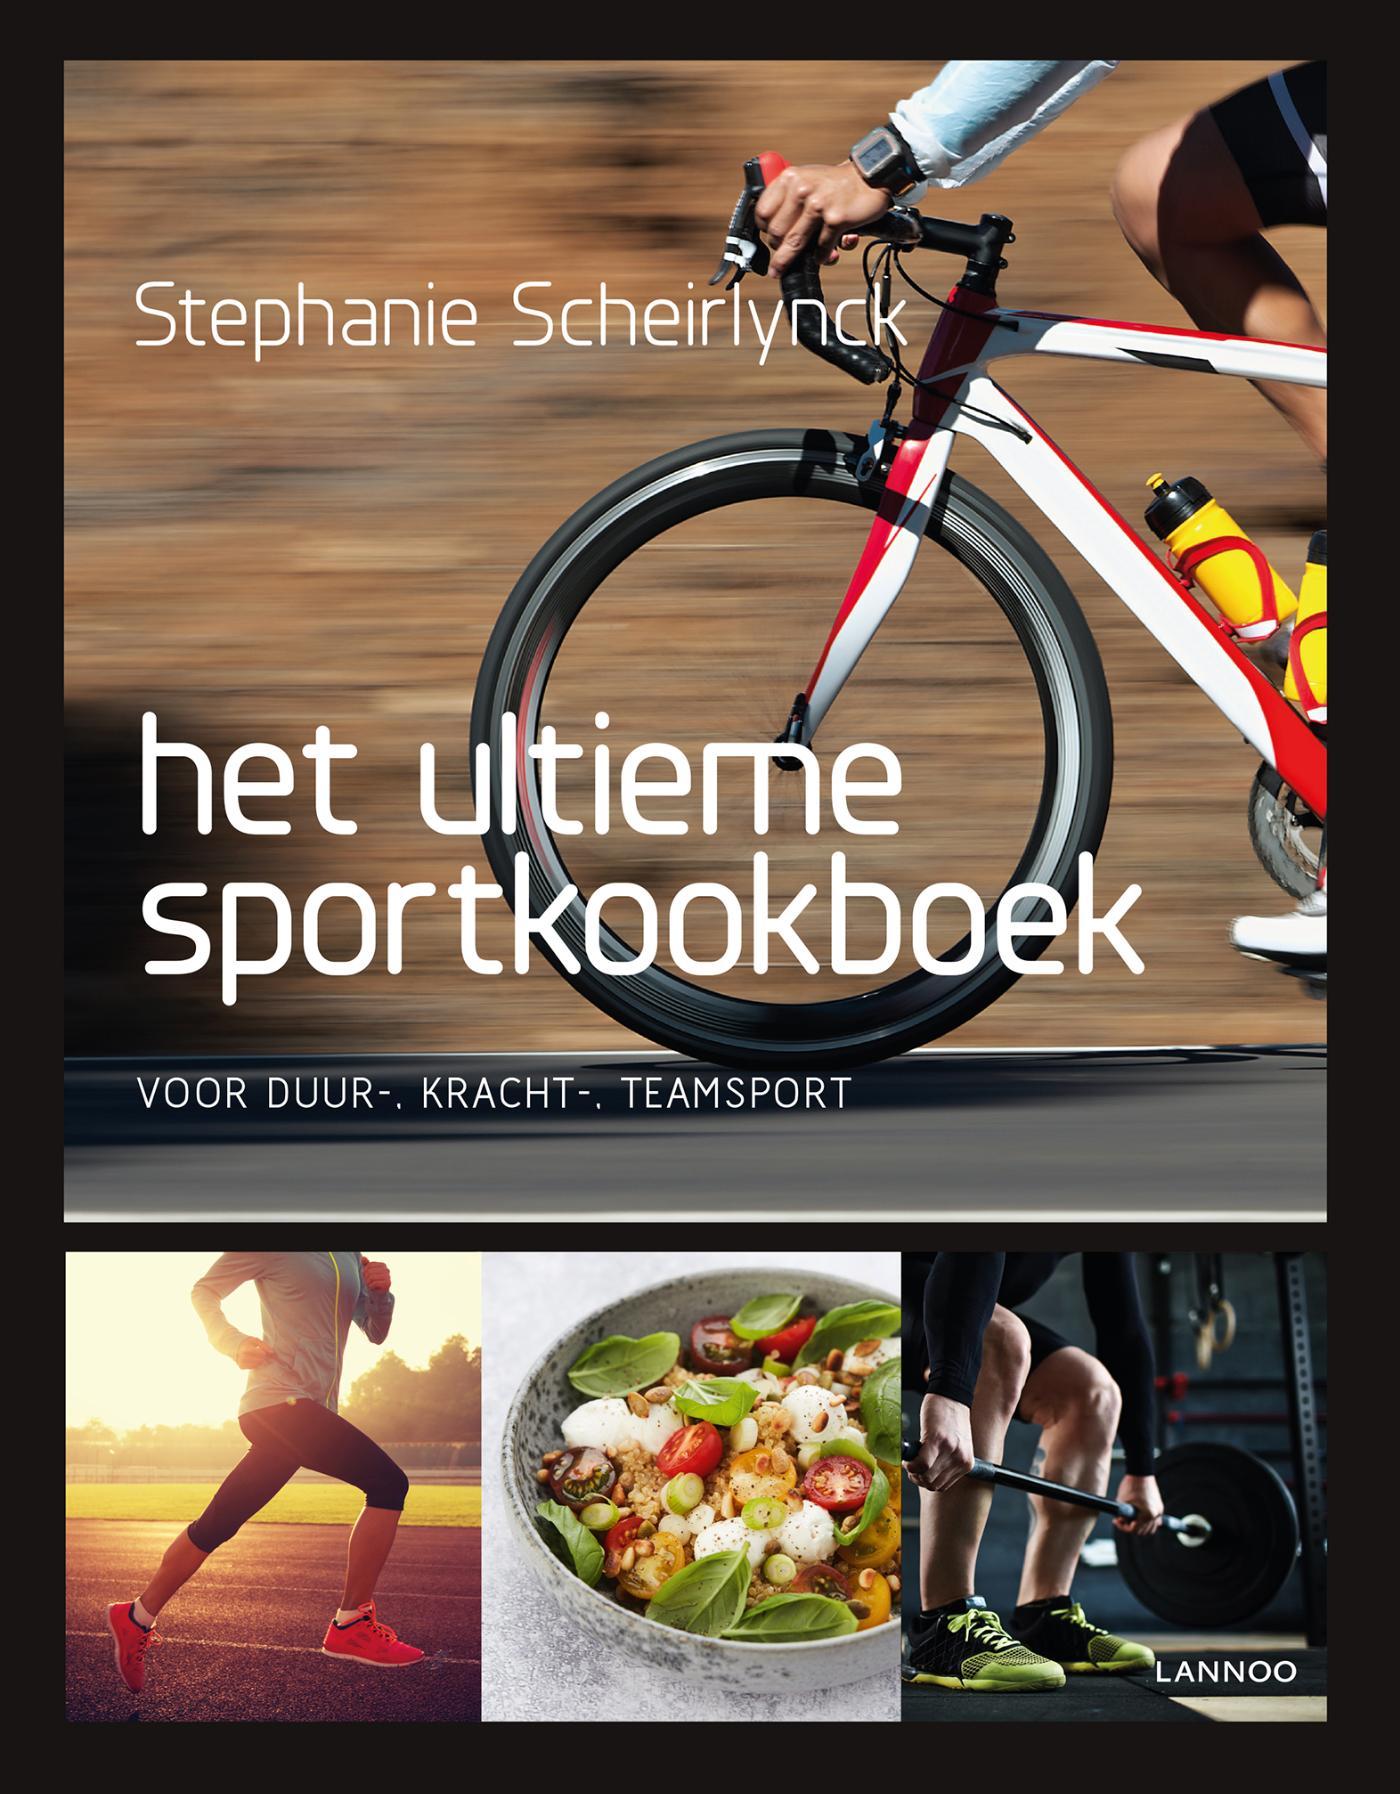 Het ultieme sportkookboek